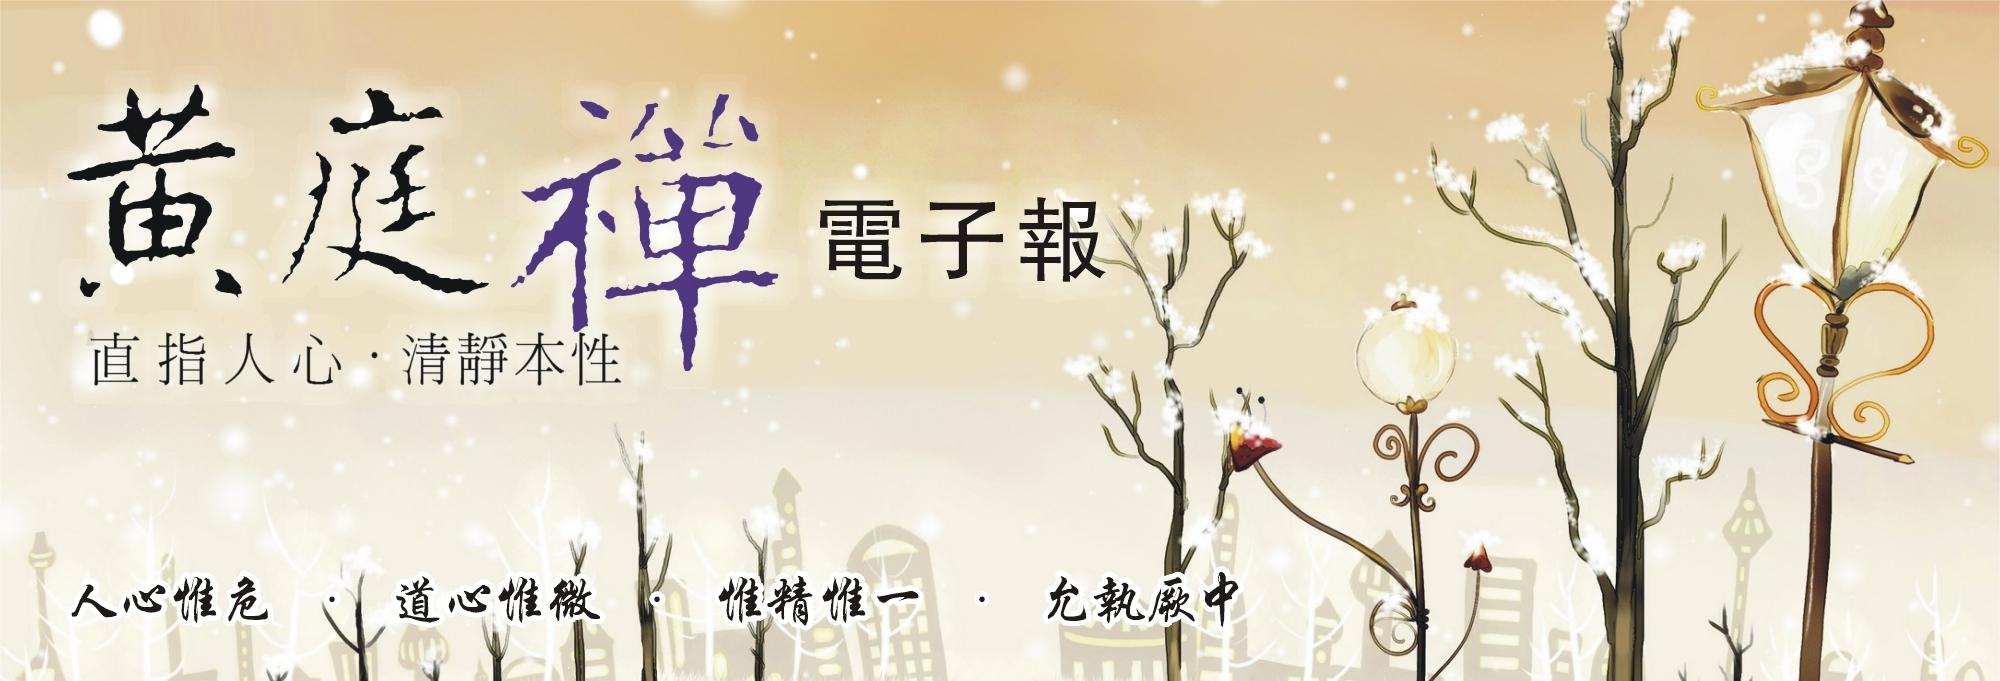 中華黃庭禪學會2015.12.21電子報